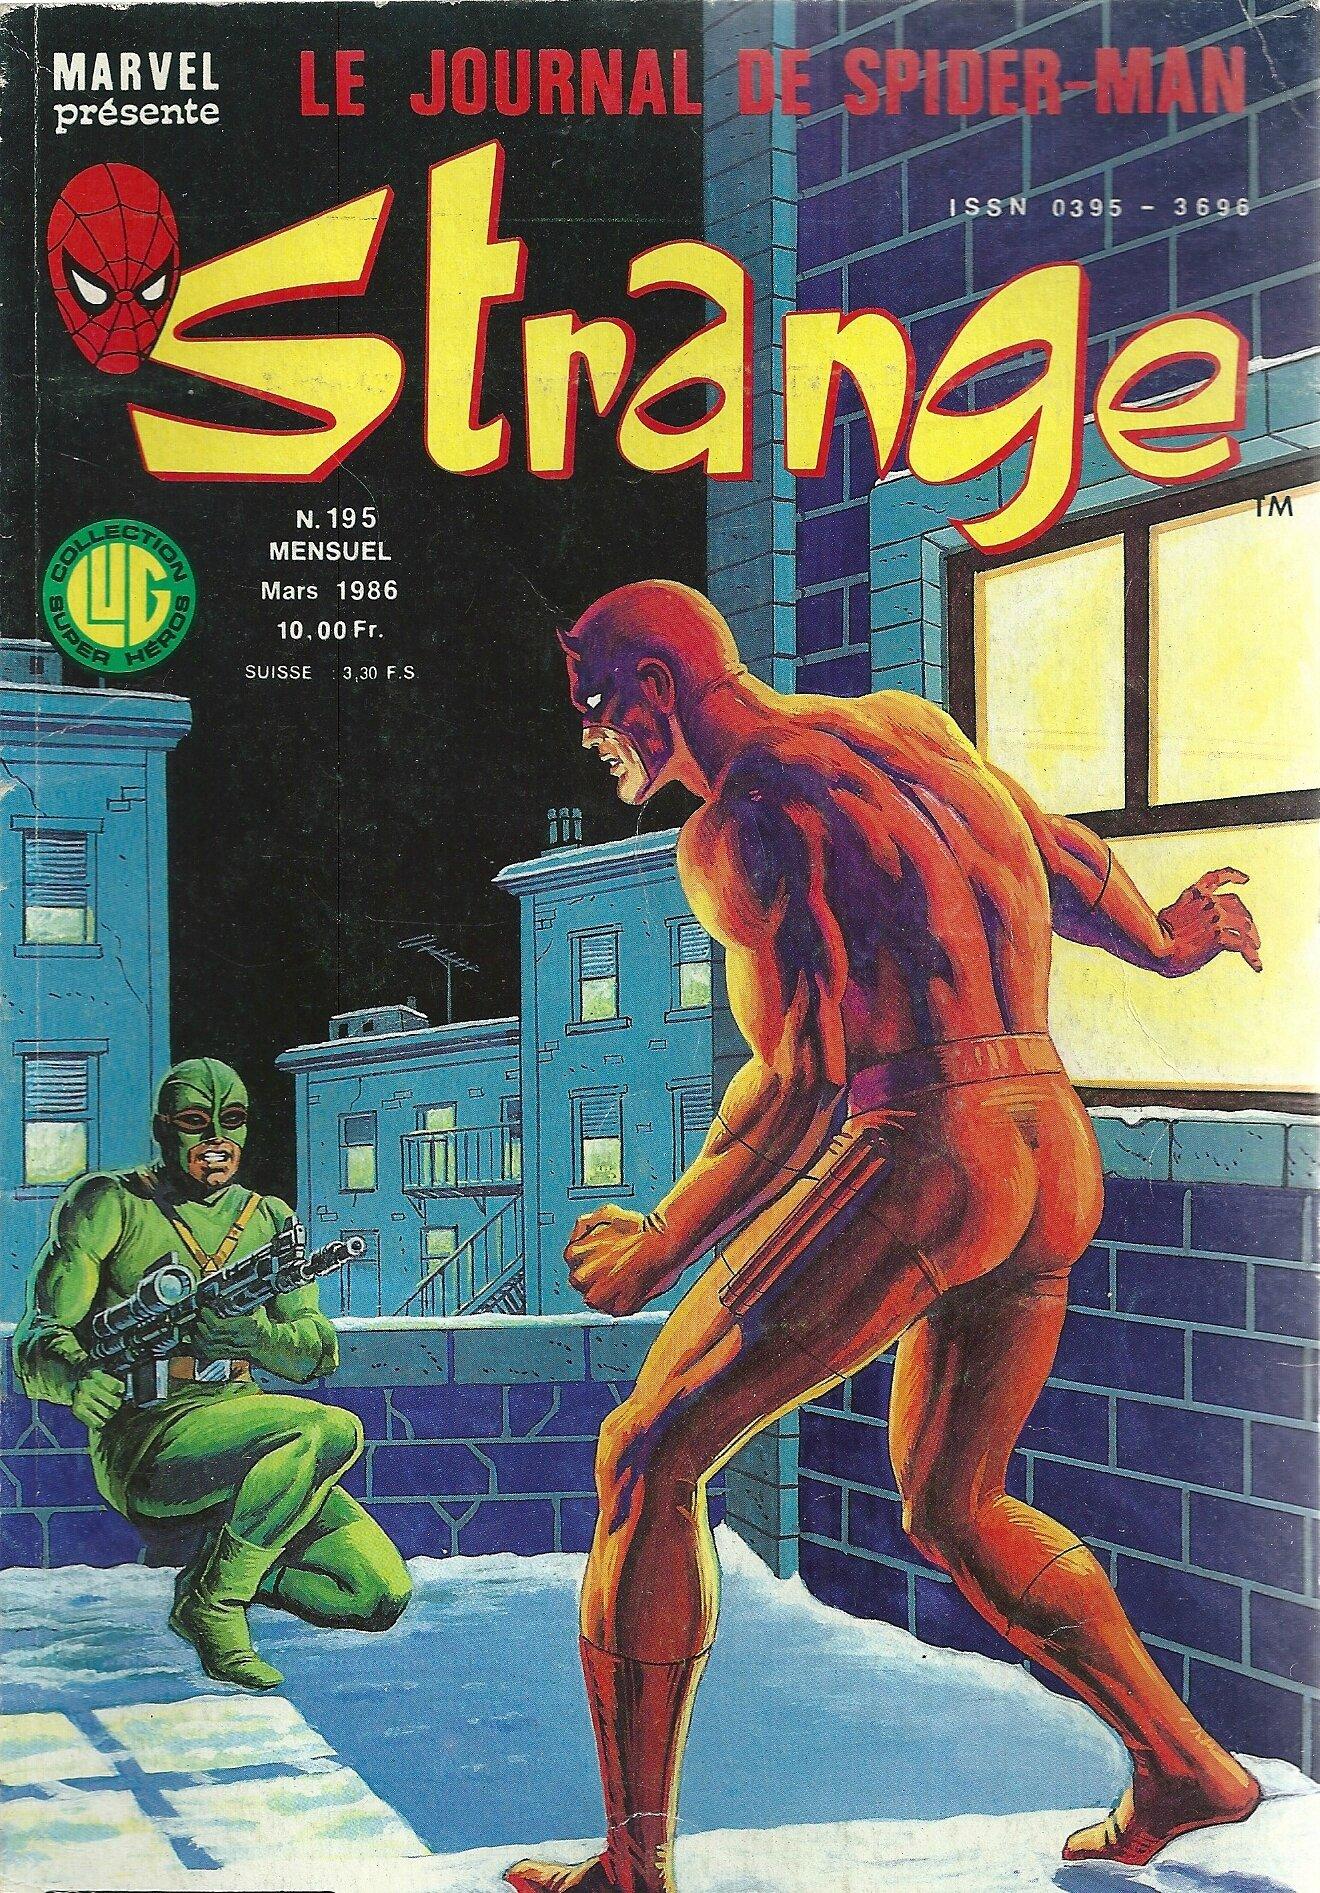 BD - Strange couverture0002